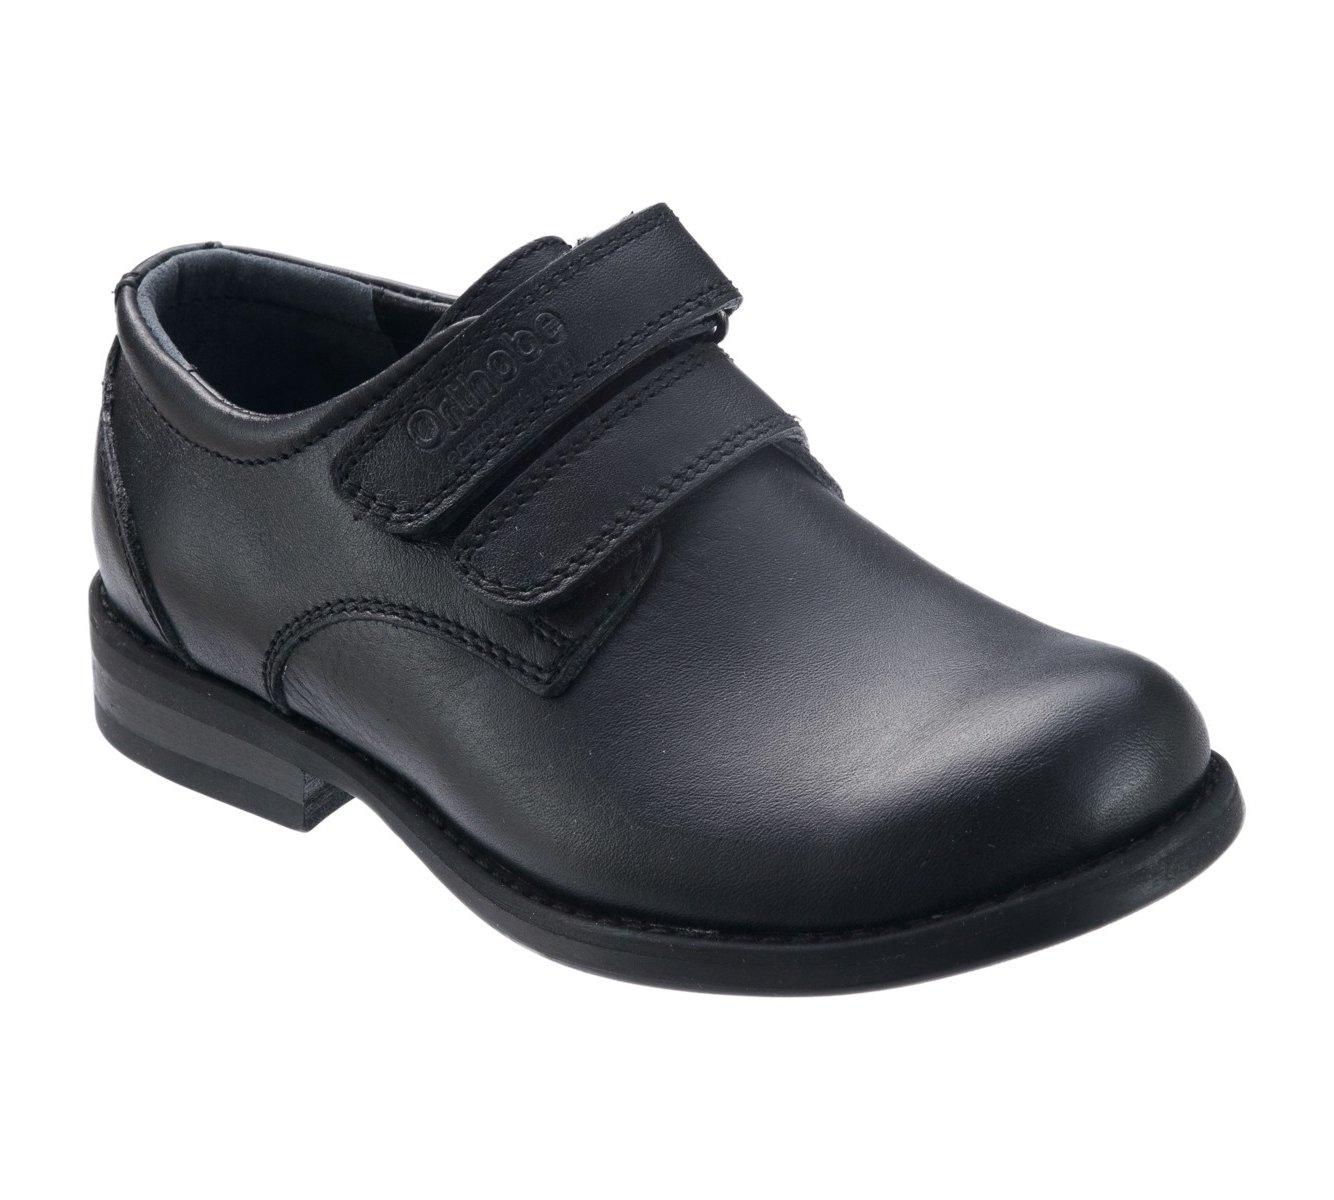 9203c7e1e ᐈ Туфли ортопедические ORTHOBE (ORB-701) — купить в Орто-Лайн